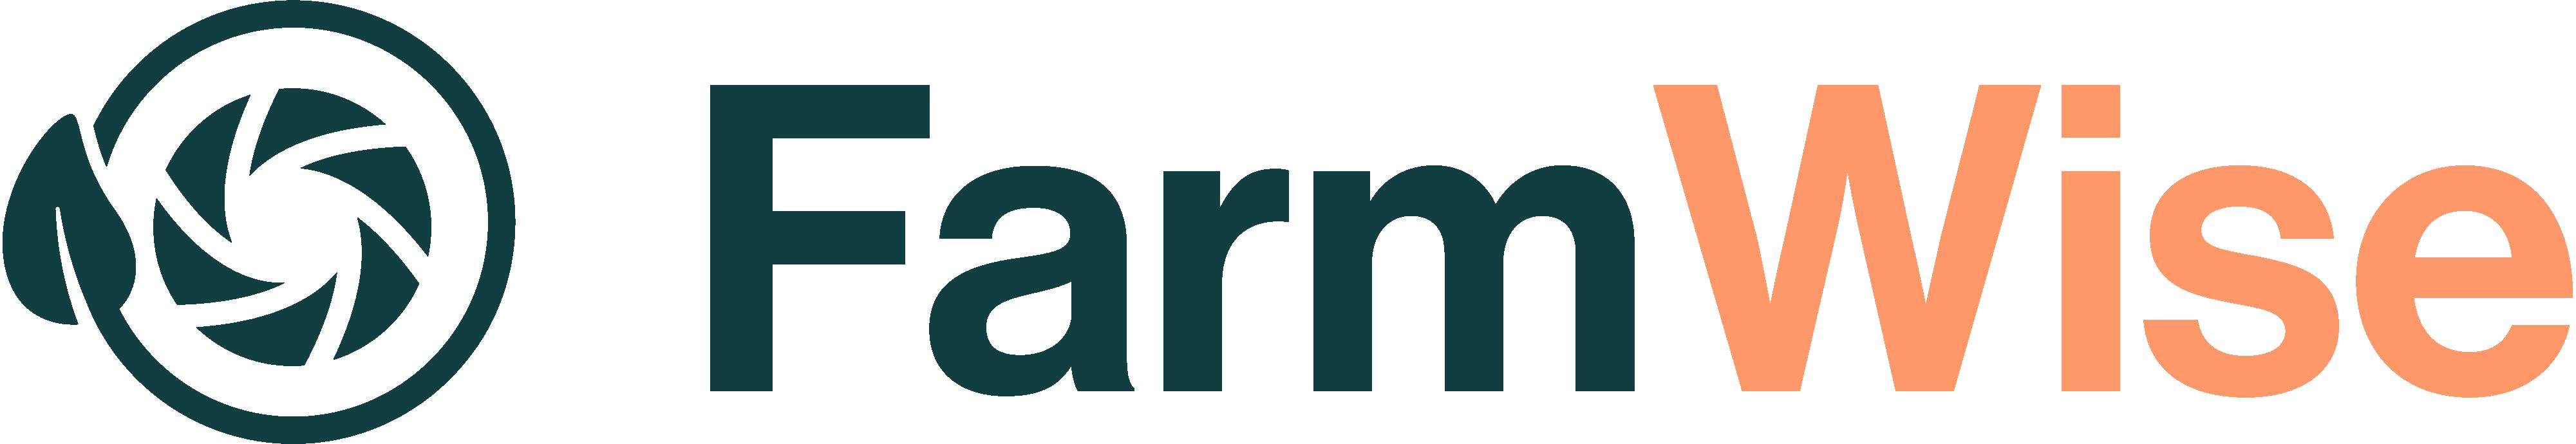 FarmWise logo